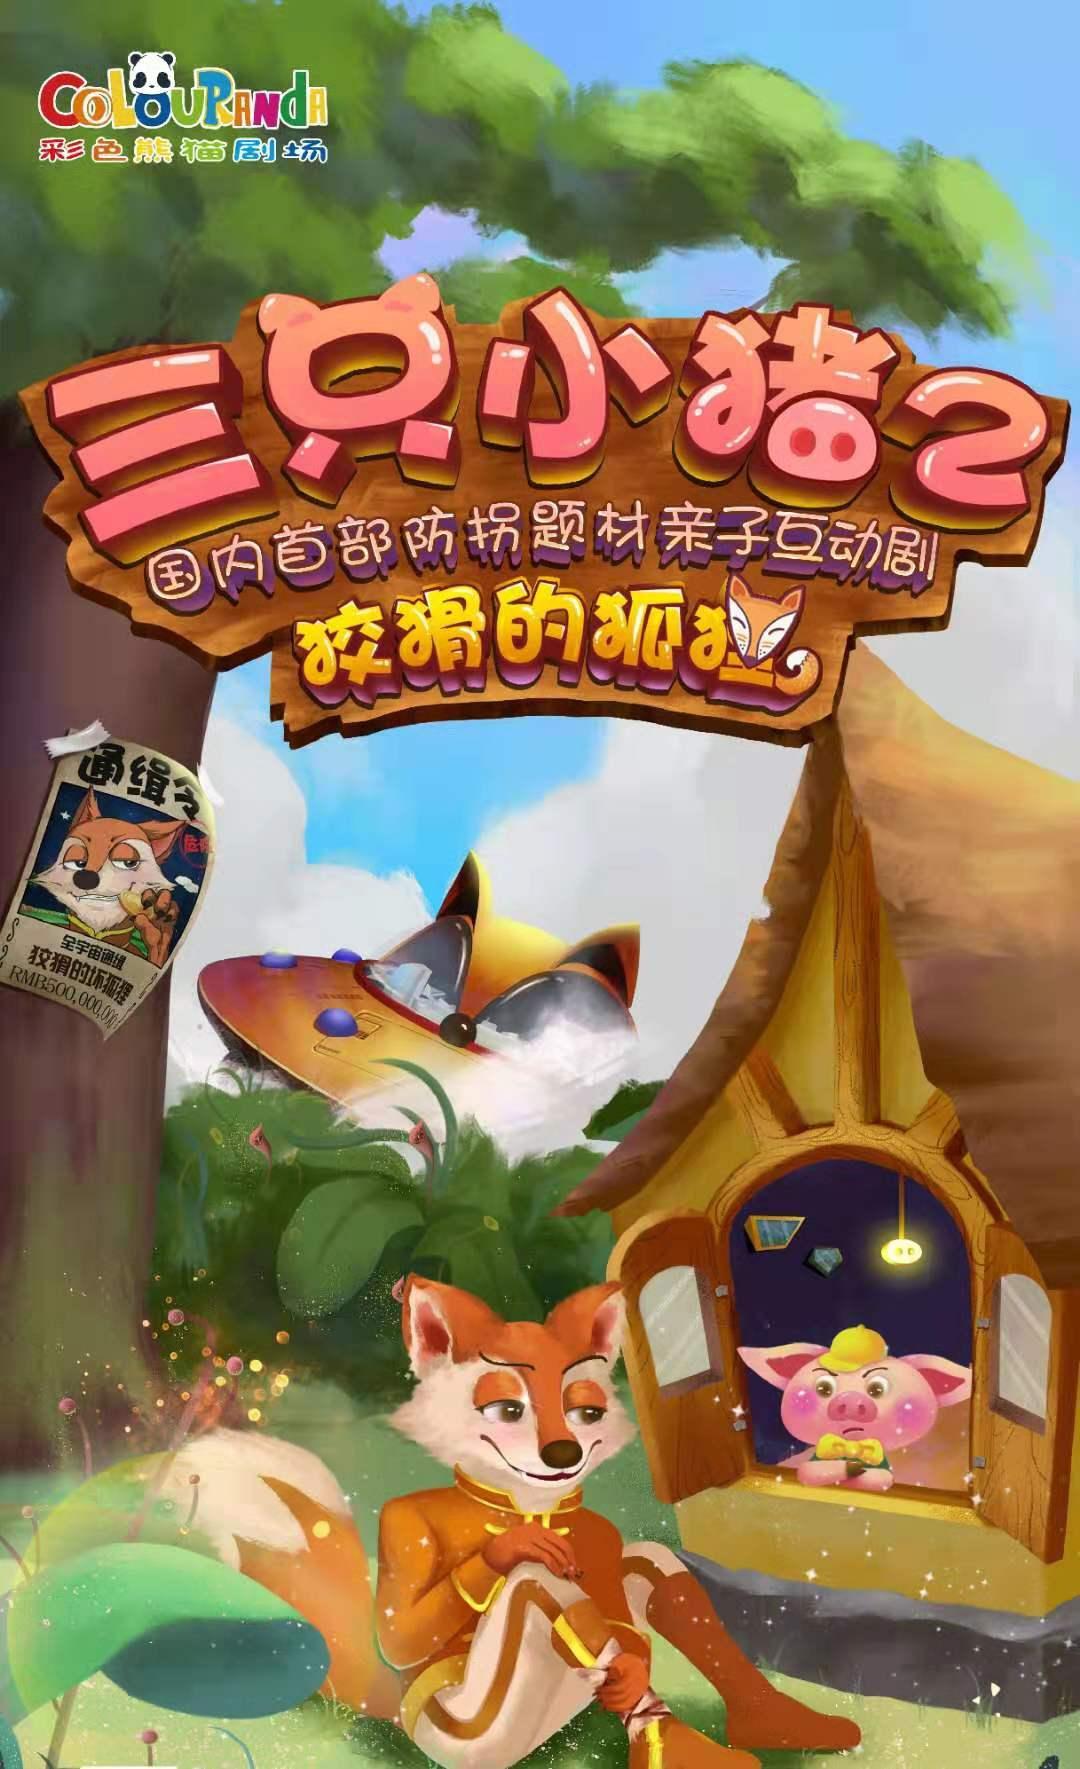 【成都】彩色熊猫剧场儿童剧《三只小猪2之狡猾的狐狸》―戛纳湾店